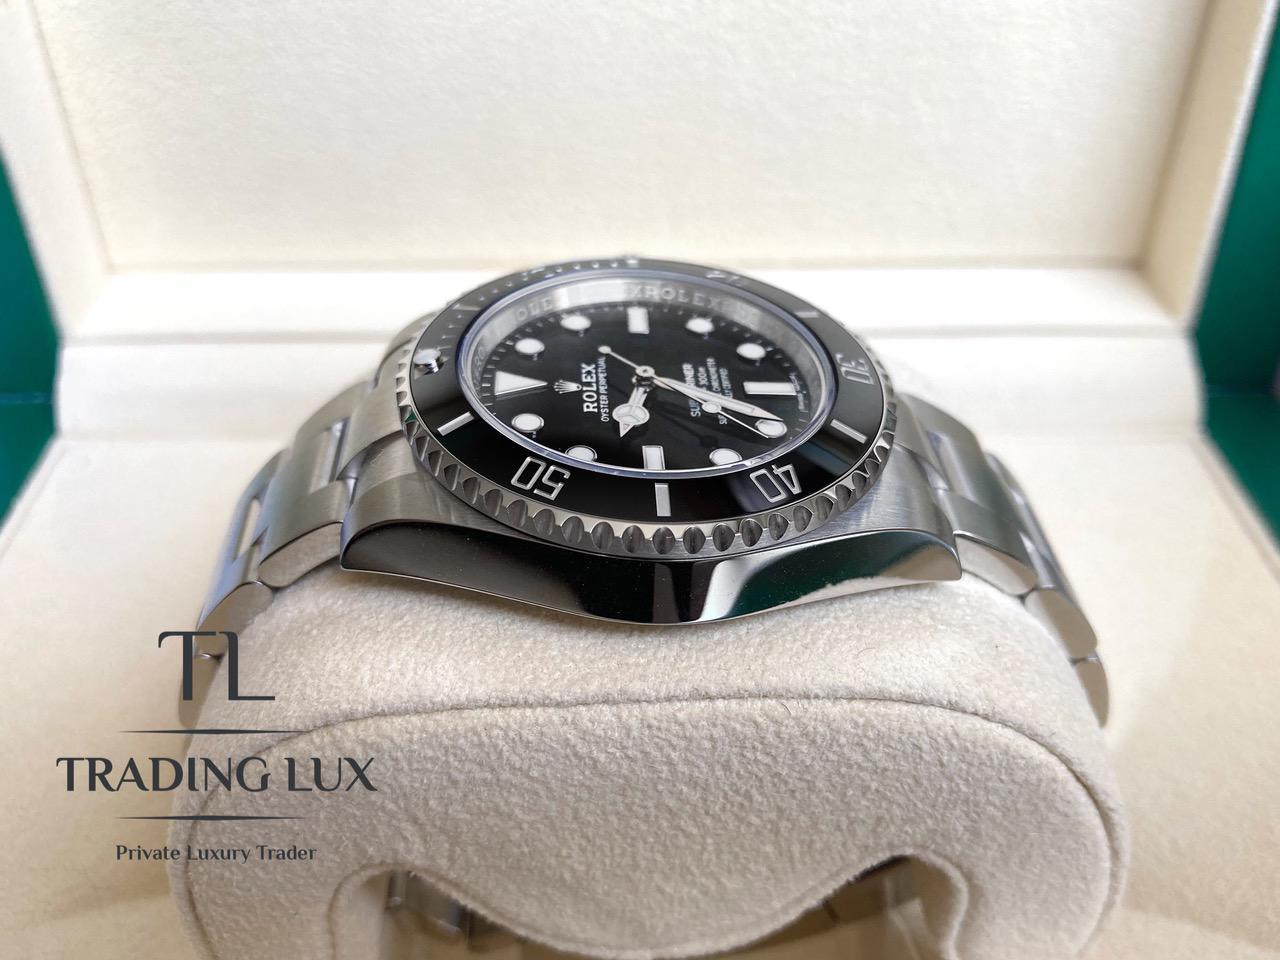 Rolex-Submariner-114060-3